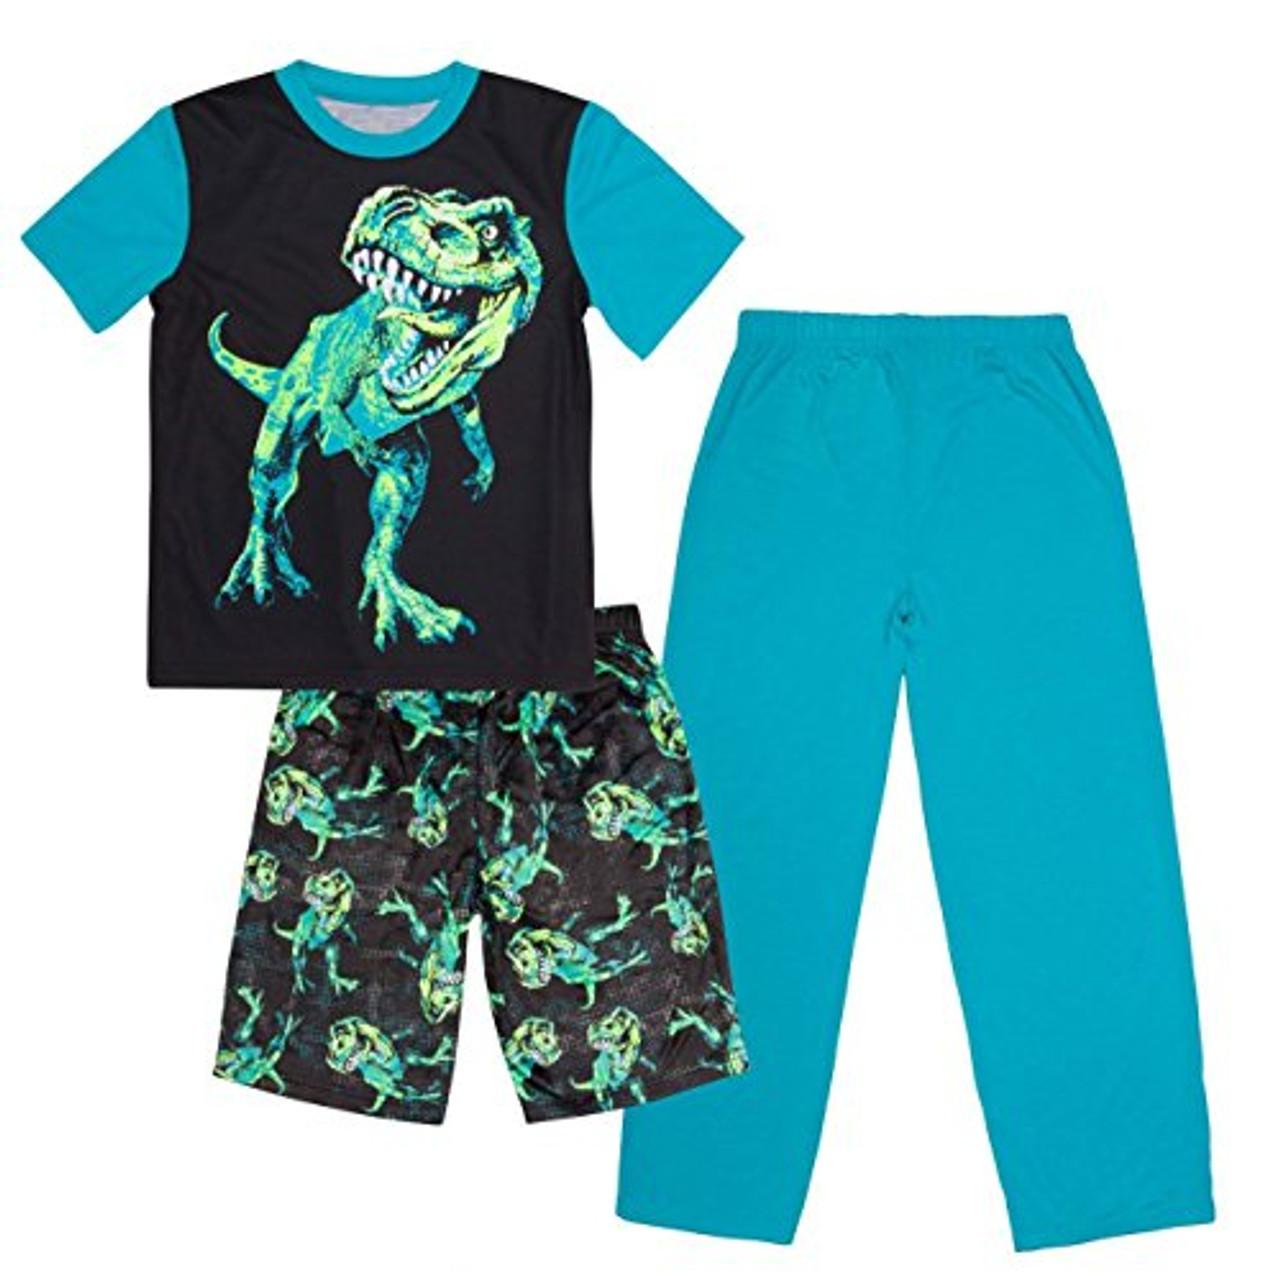 Boy/'s T-Rex Pajama Shorts Set with Toy Dino Tyrannosaurus Dinosaur